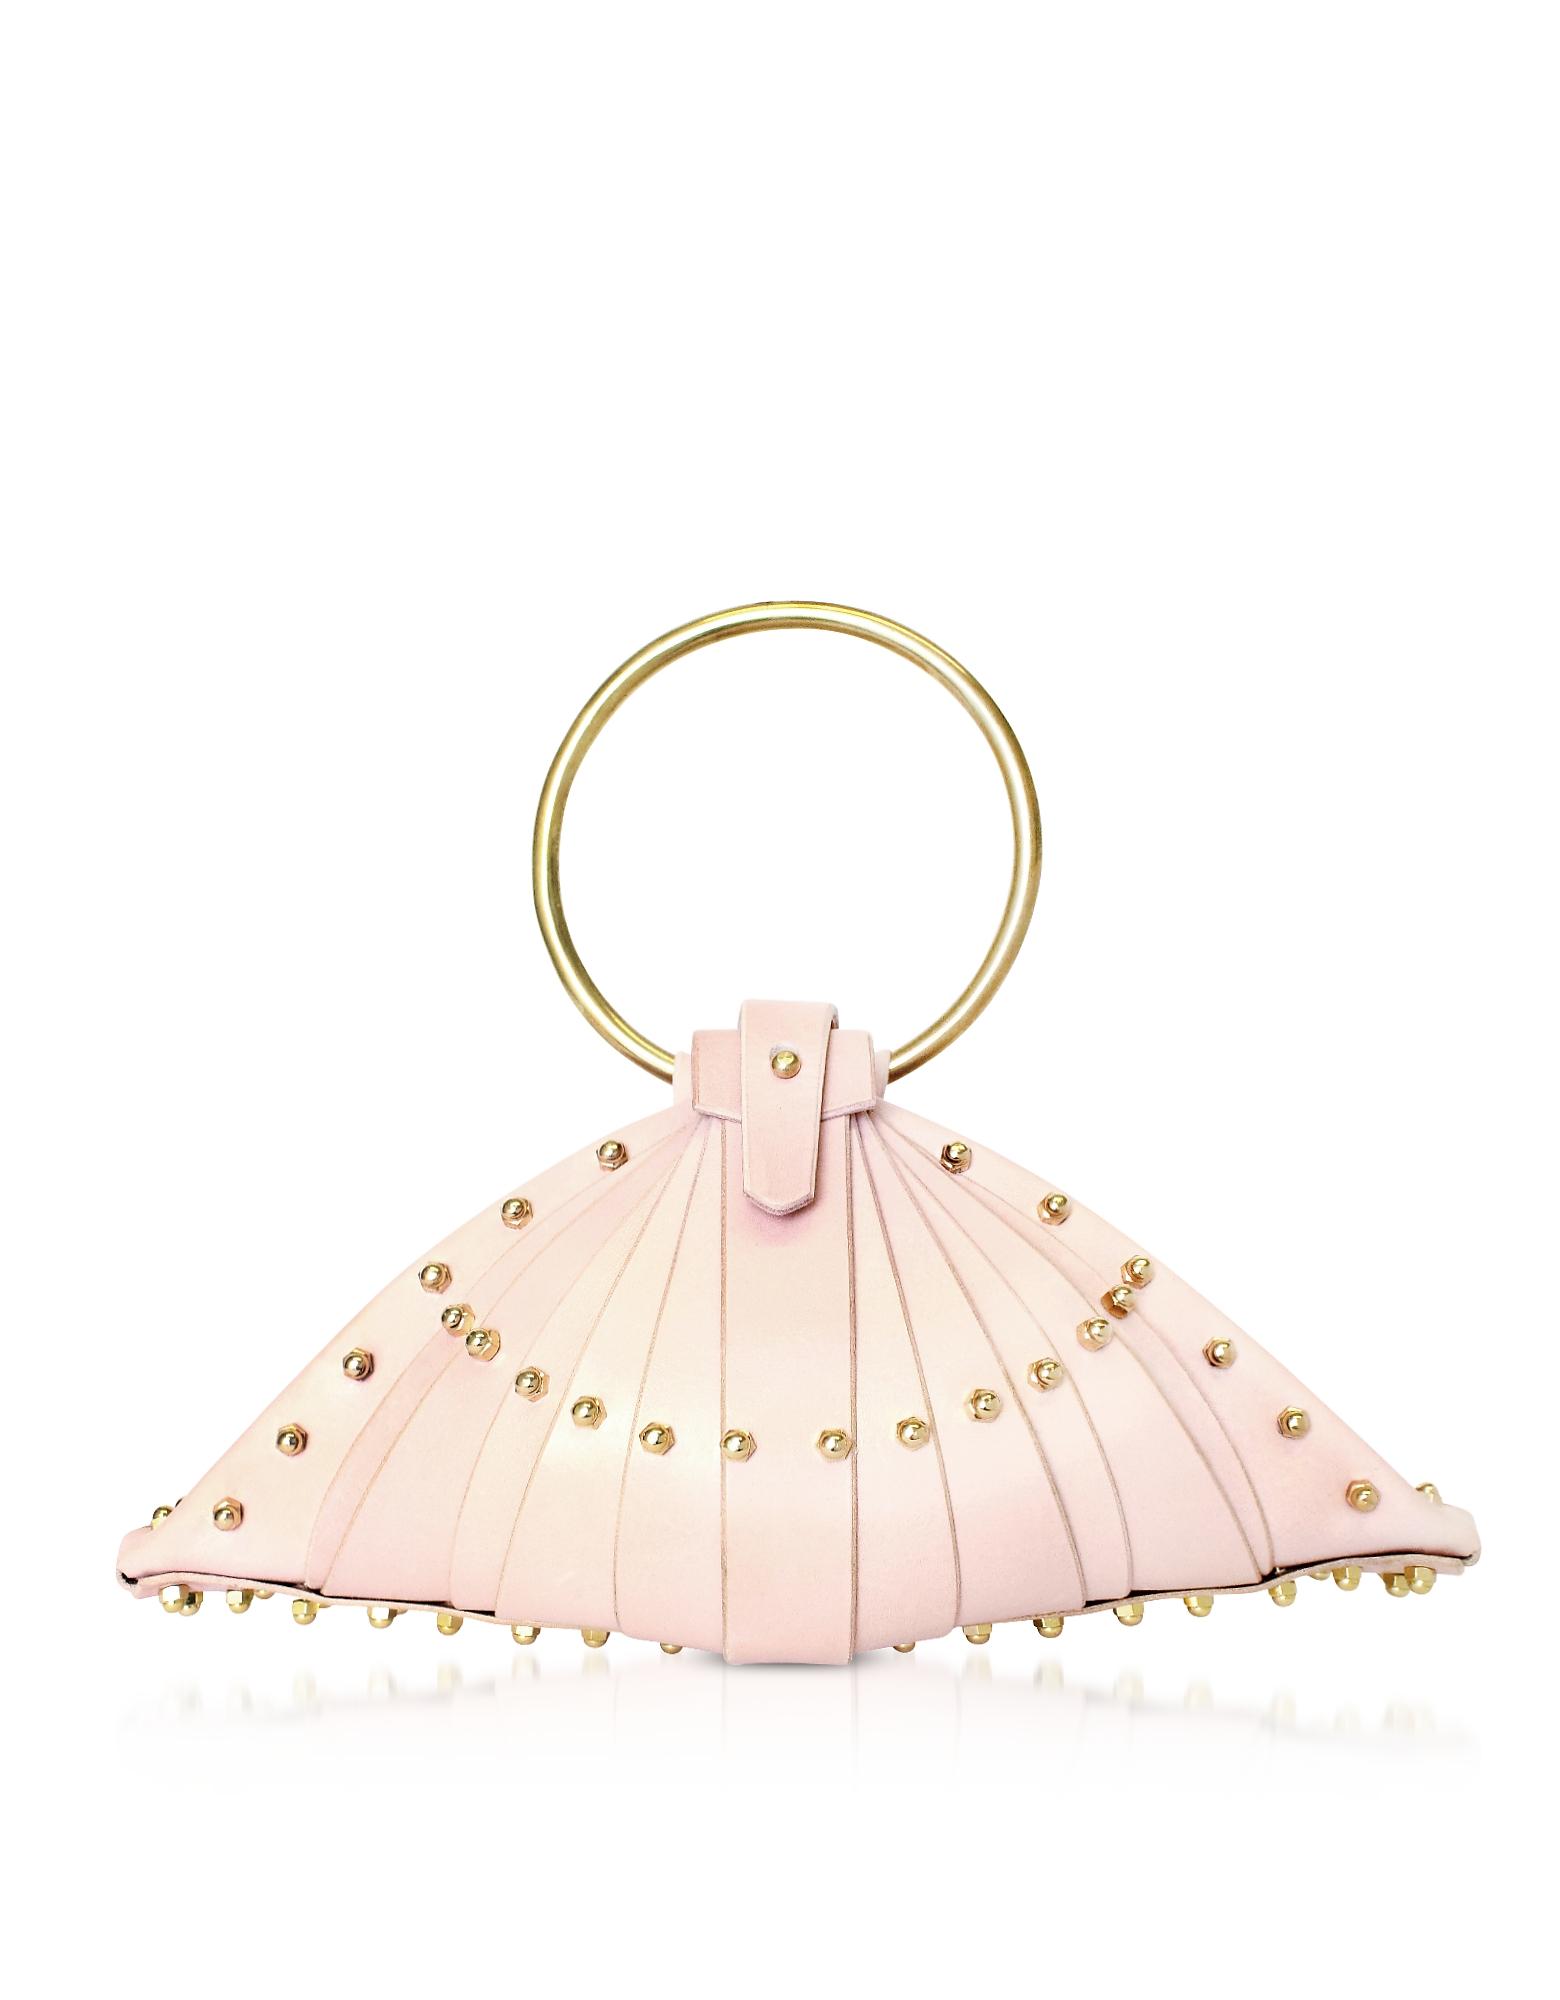 Shell Bag in Pelle Rosa Cipria con Borchie